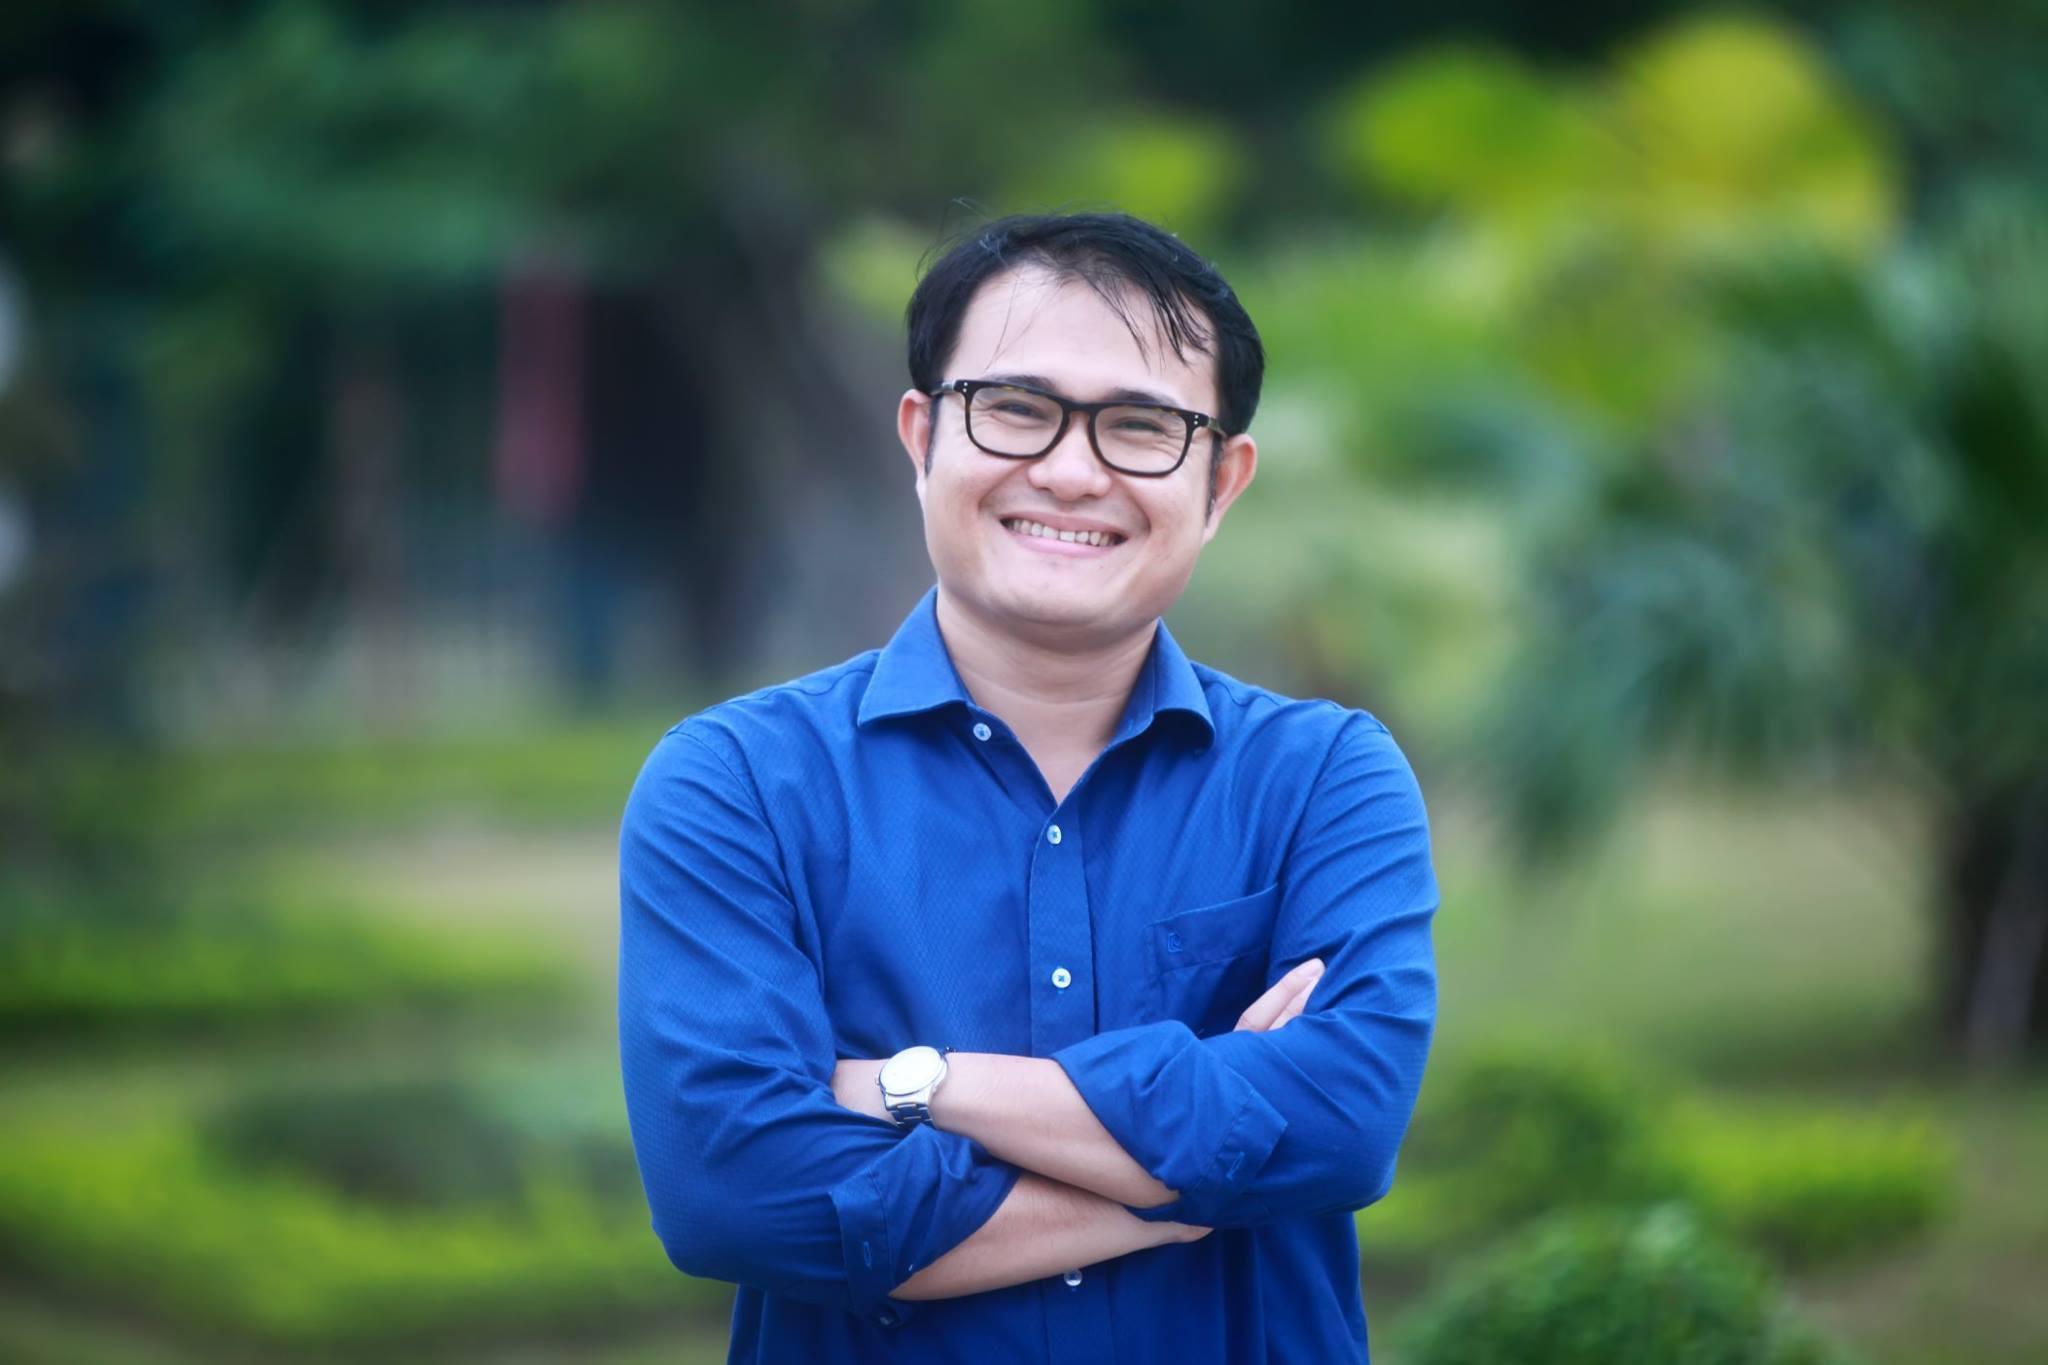 TS. Nguyễn Thành Nam